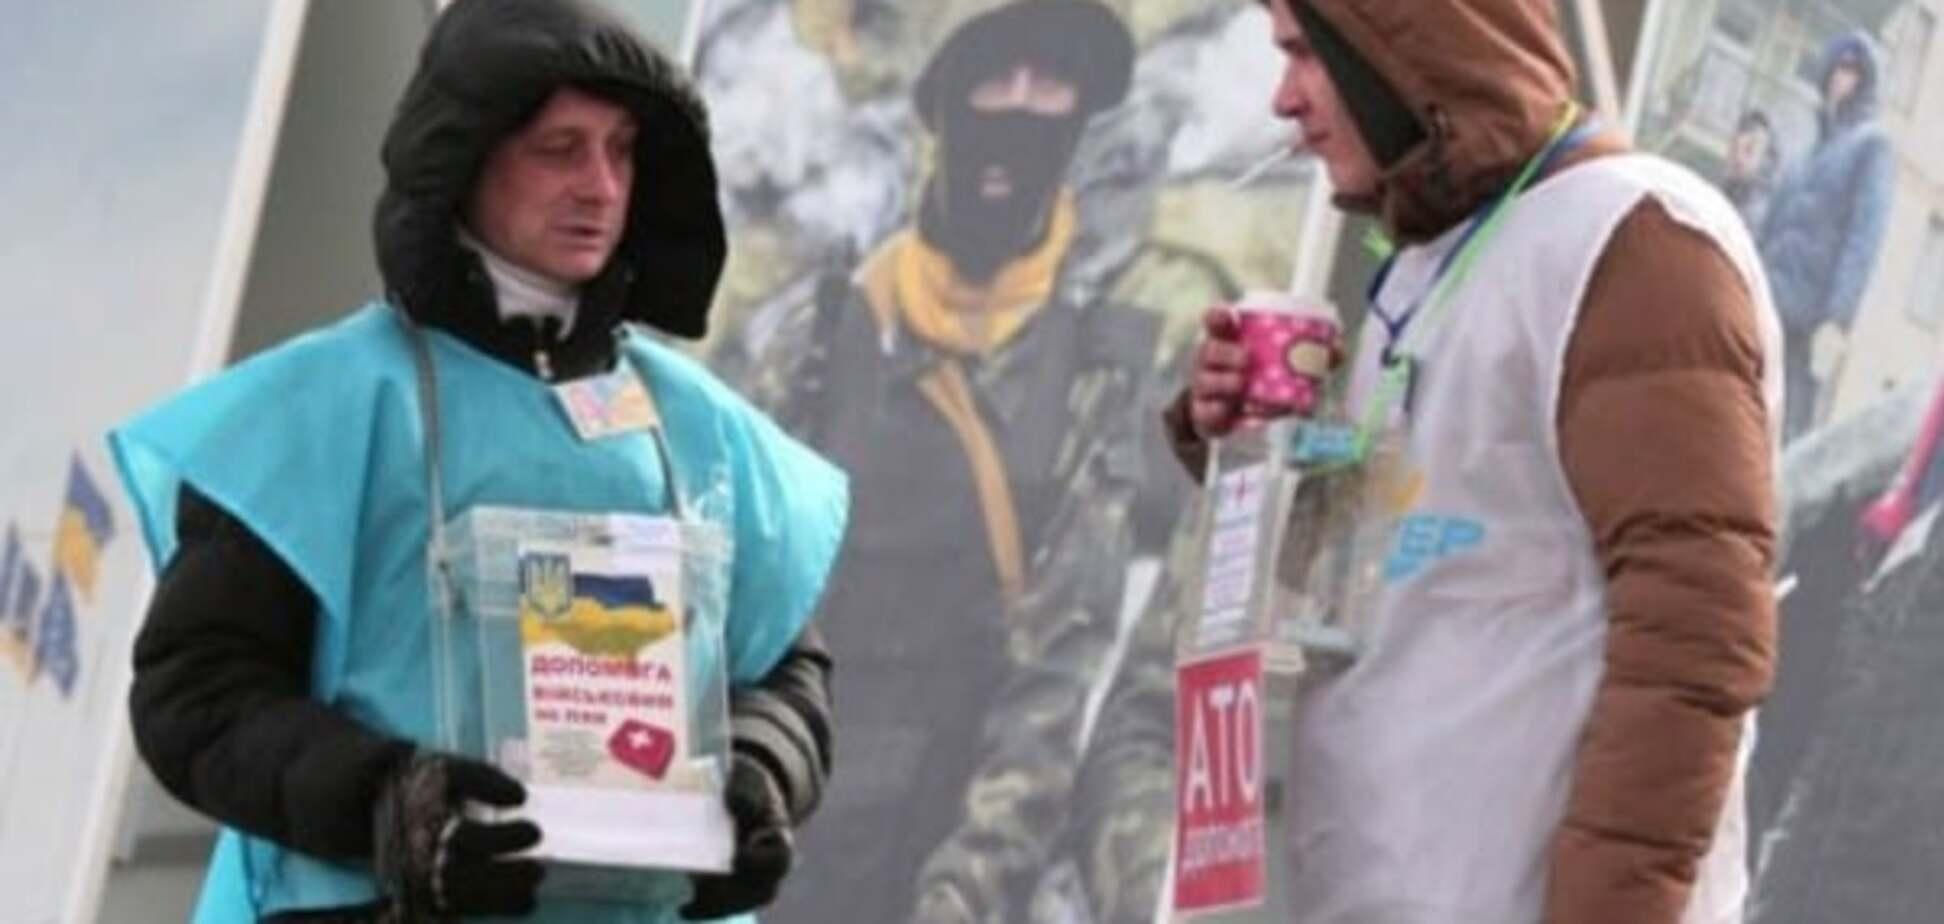 Наколядовали: из киевского метро выгонят лжеволонтеров